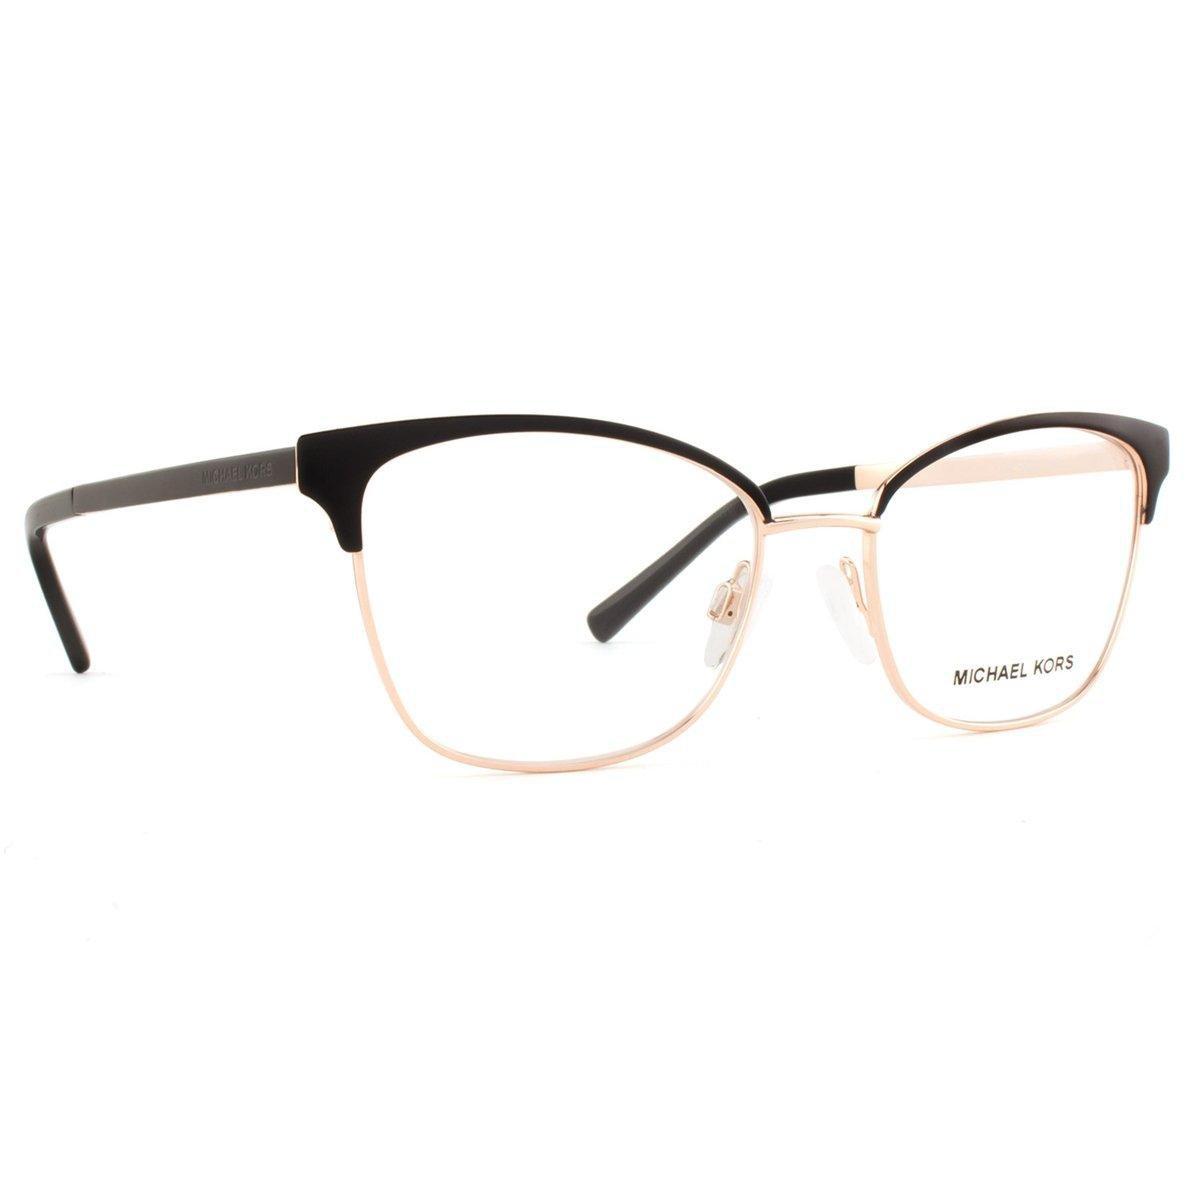 ... Armação Óculos de Grau Michael Kors Adrianna IV MK3012 1113-51 ... 2d2543b900